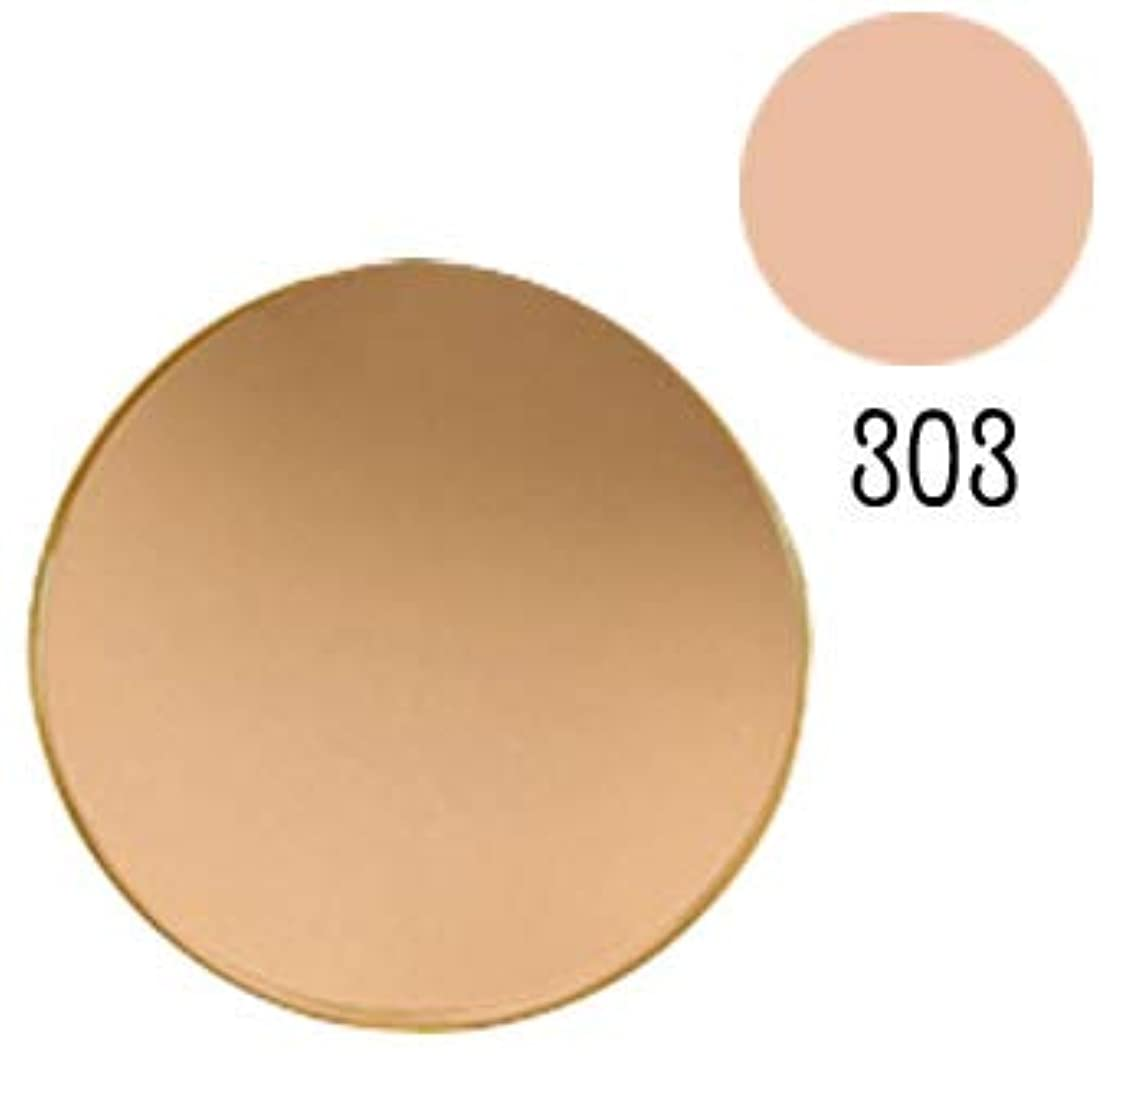 評価する塊恐れるコスメデコルテ エタニア シュール ファンデーション<303> レフィル SPF15/PA++